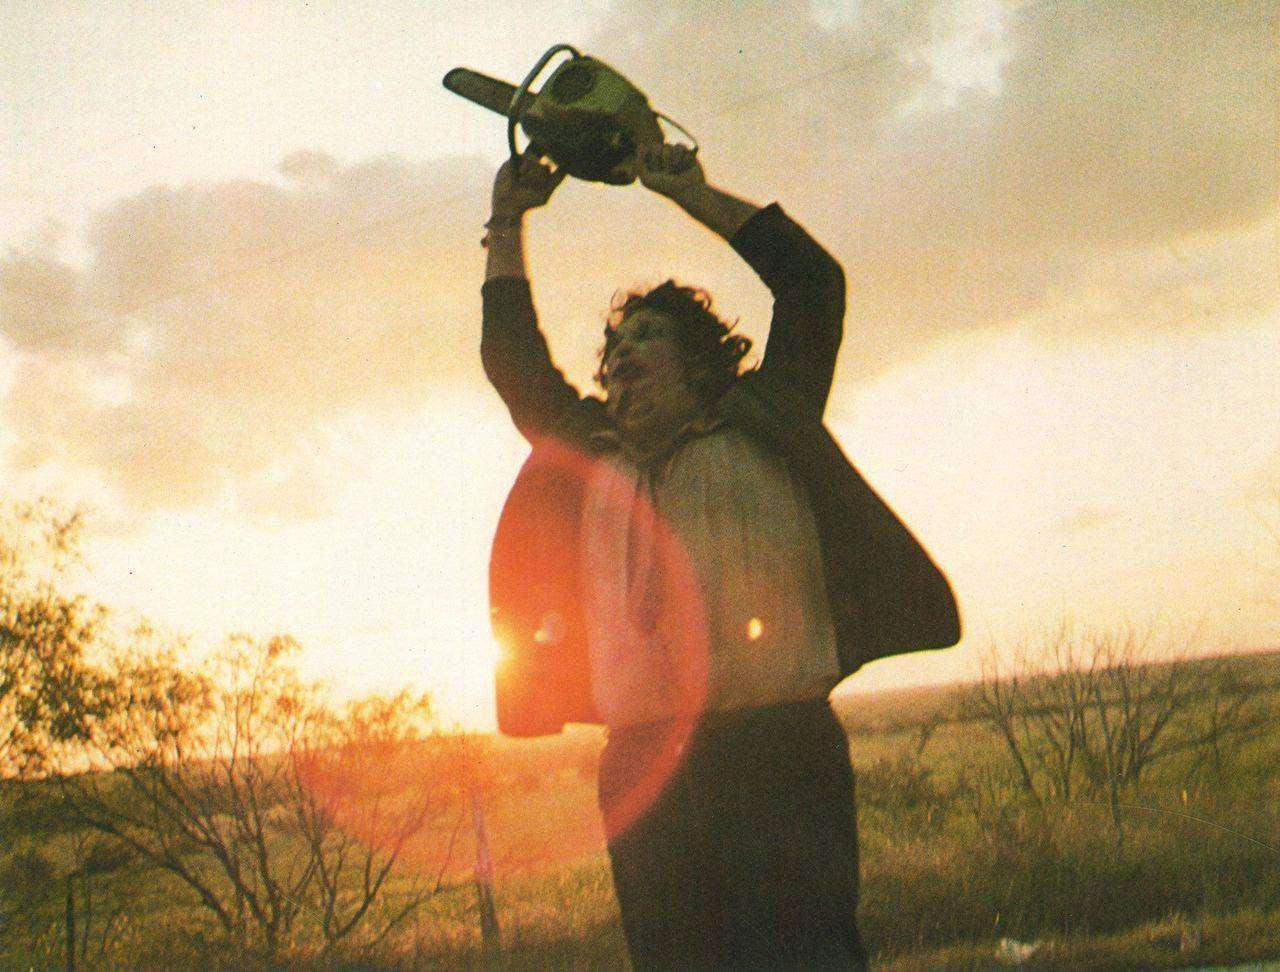 texas chain saw massacre leatherface ending gunnar hansen